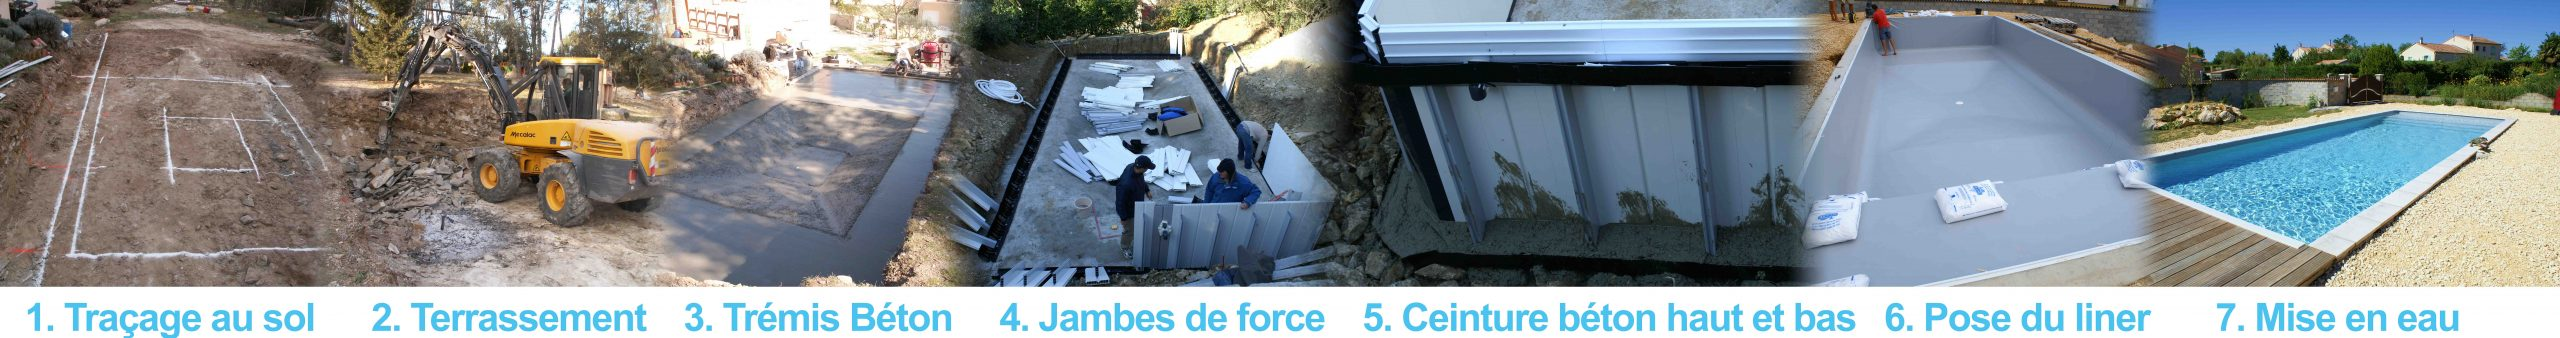 Construction Piscines Nimes - Gepad Piscines Et Spa Nîmes ... intérieur Piscine Encastrable